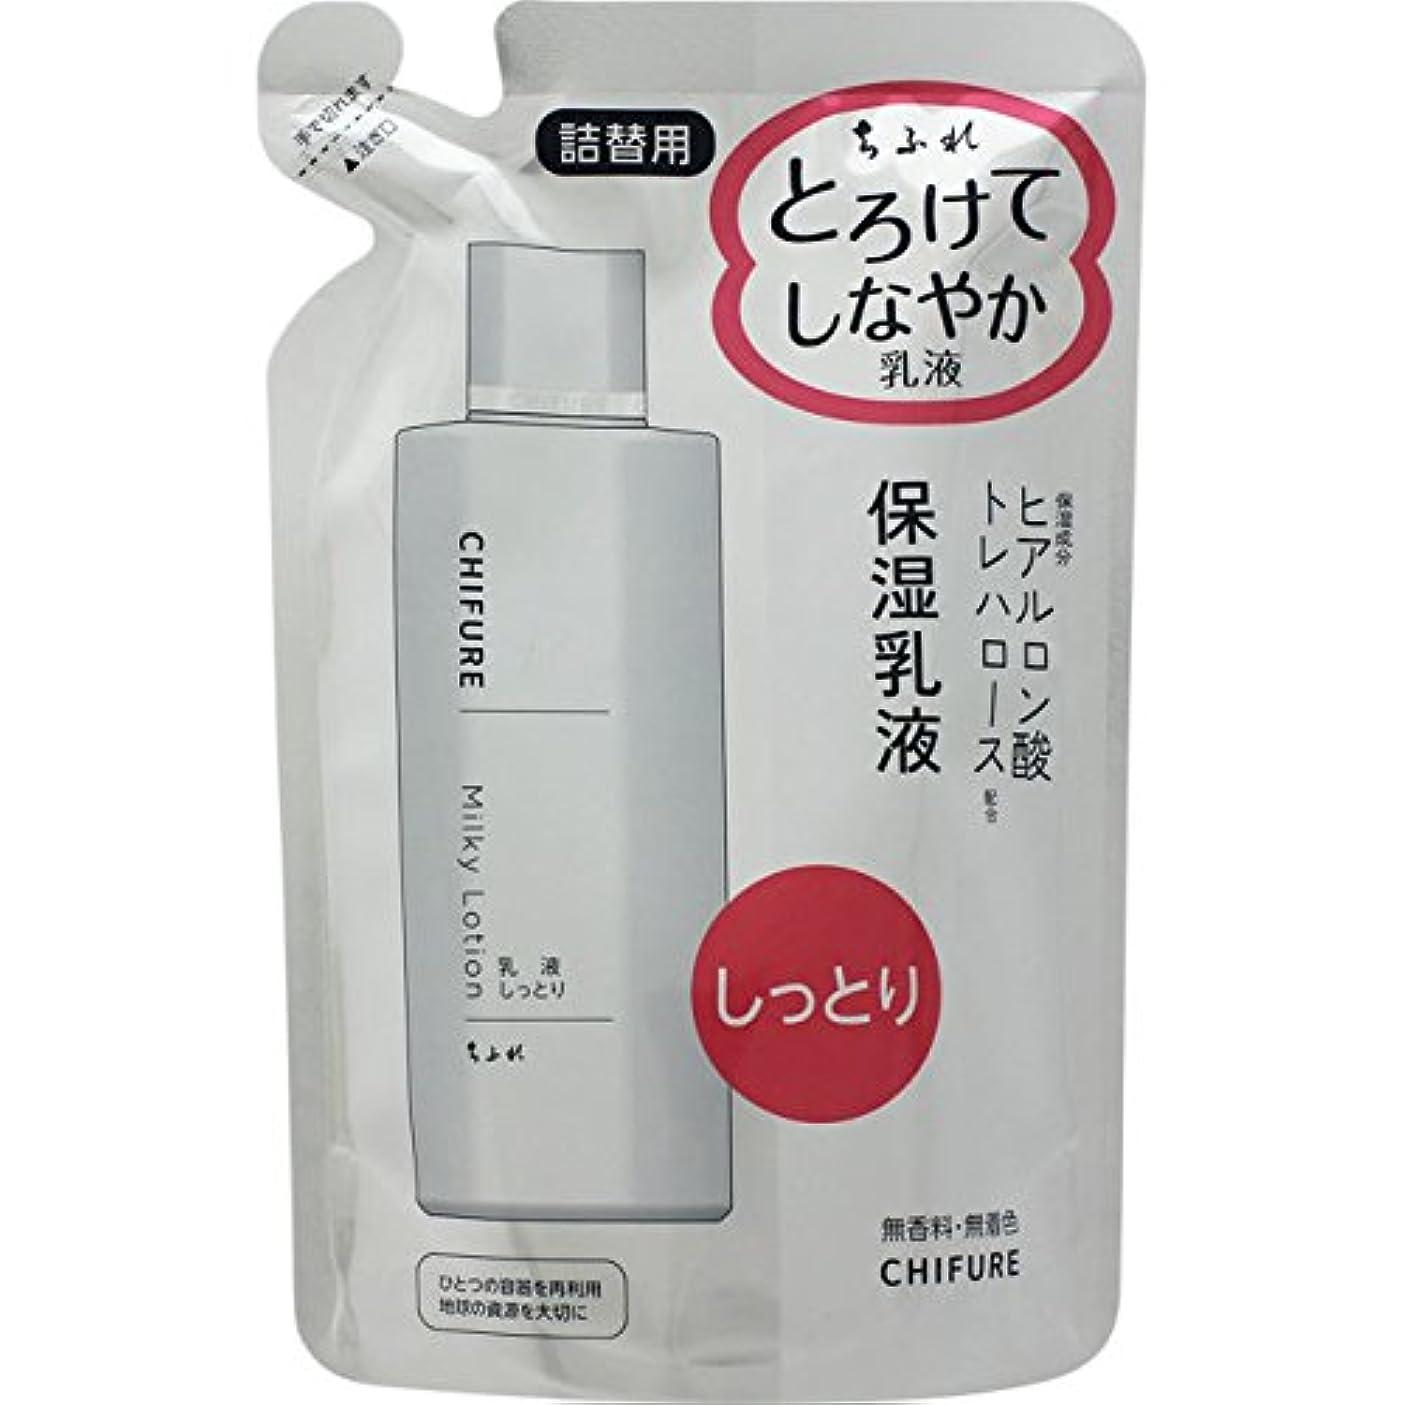 山ショルダー焼くちふれ化粧品 乳液しっとりタイプN詰替用 150ml 150ML